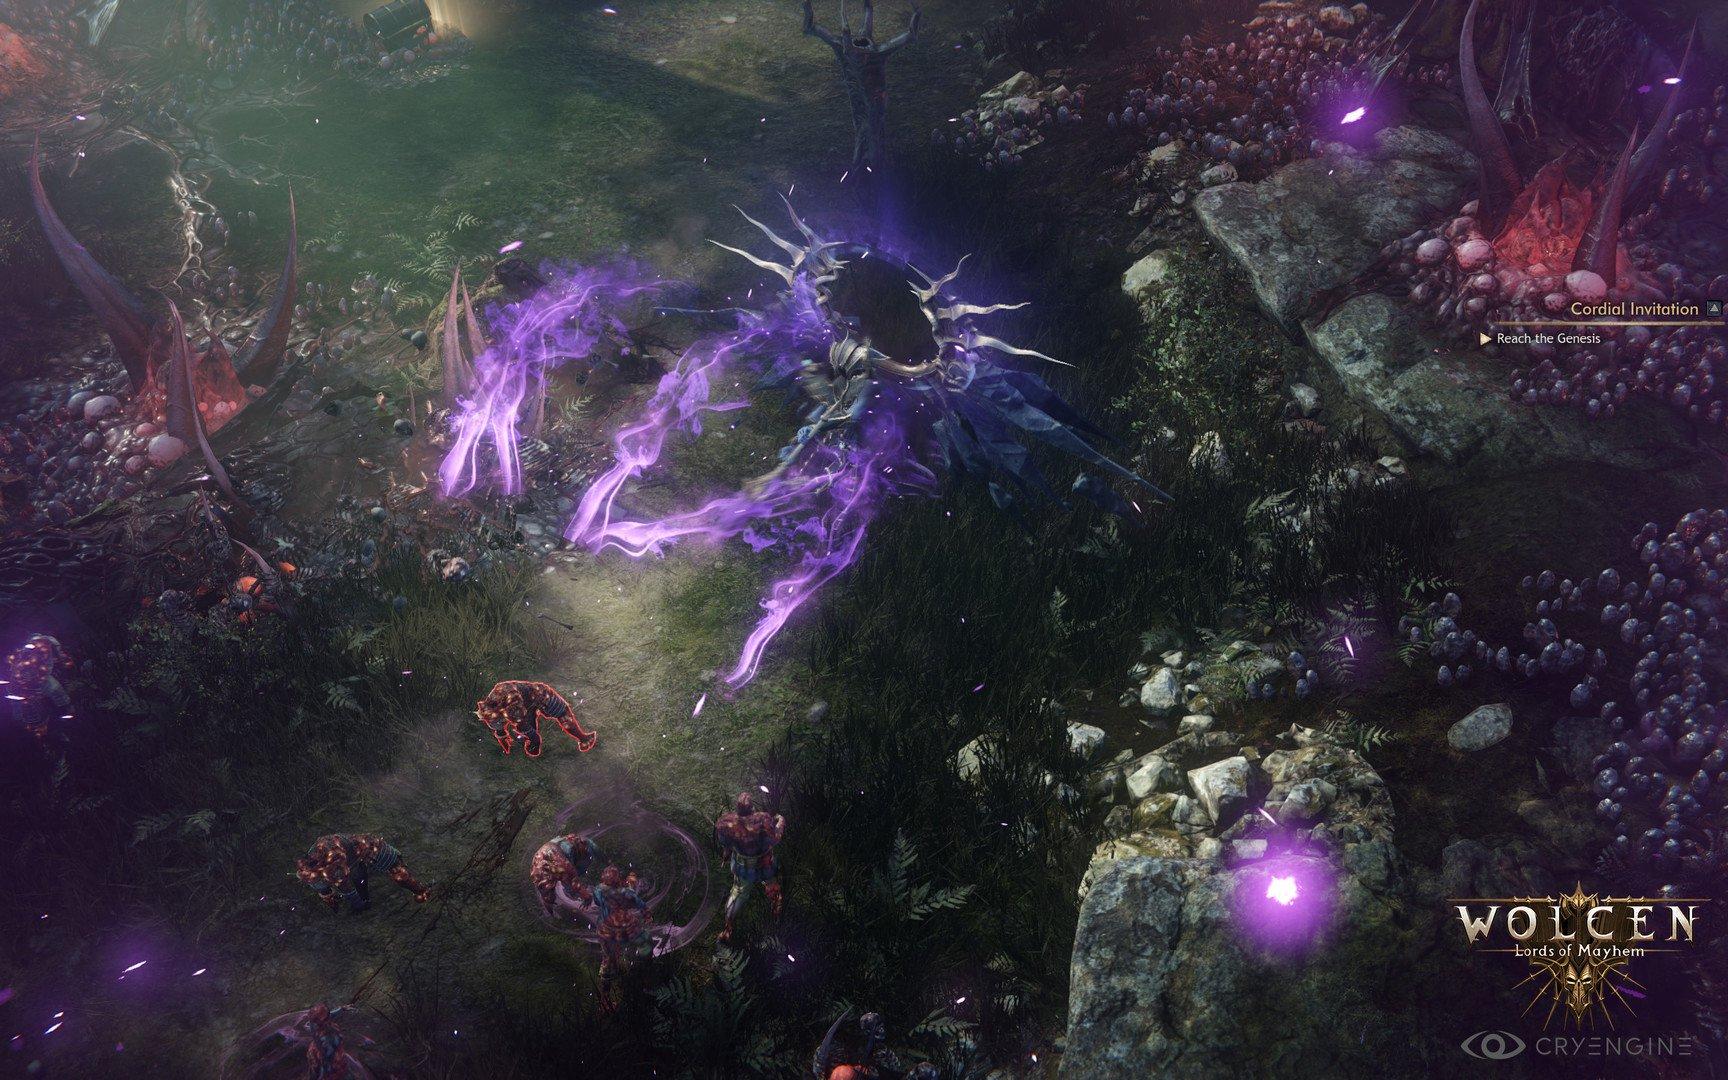 Wolcen Lords of Mayhem 6